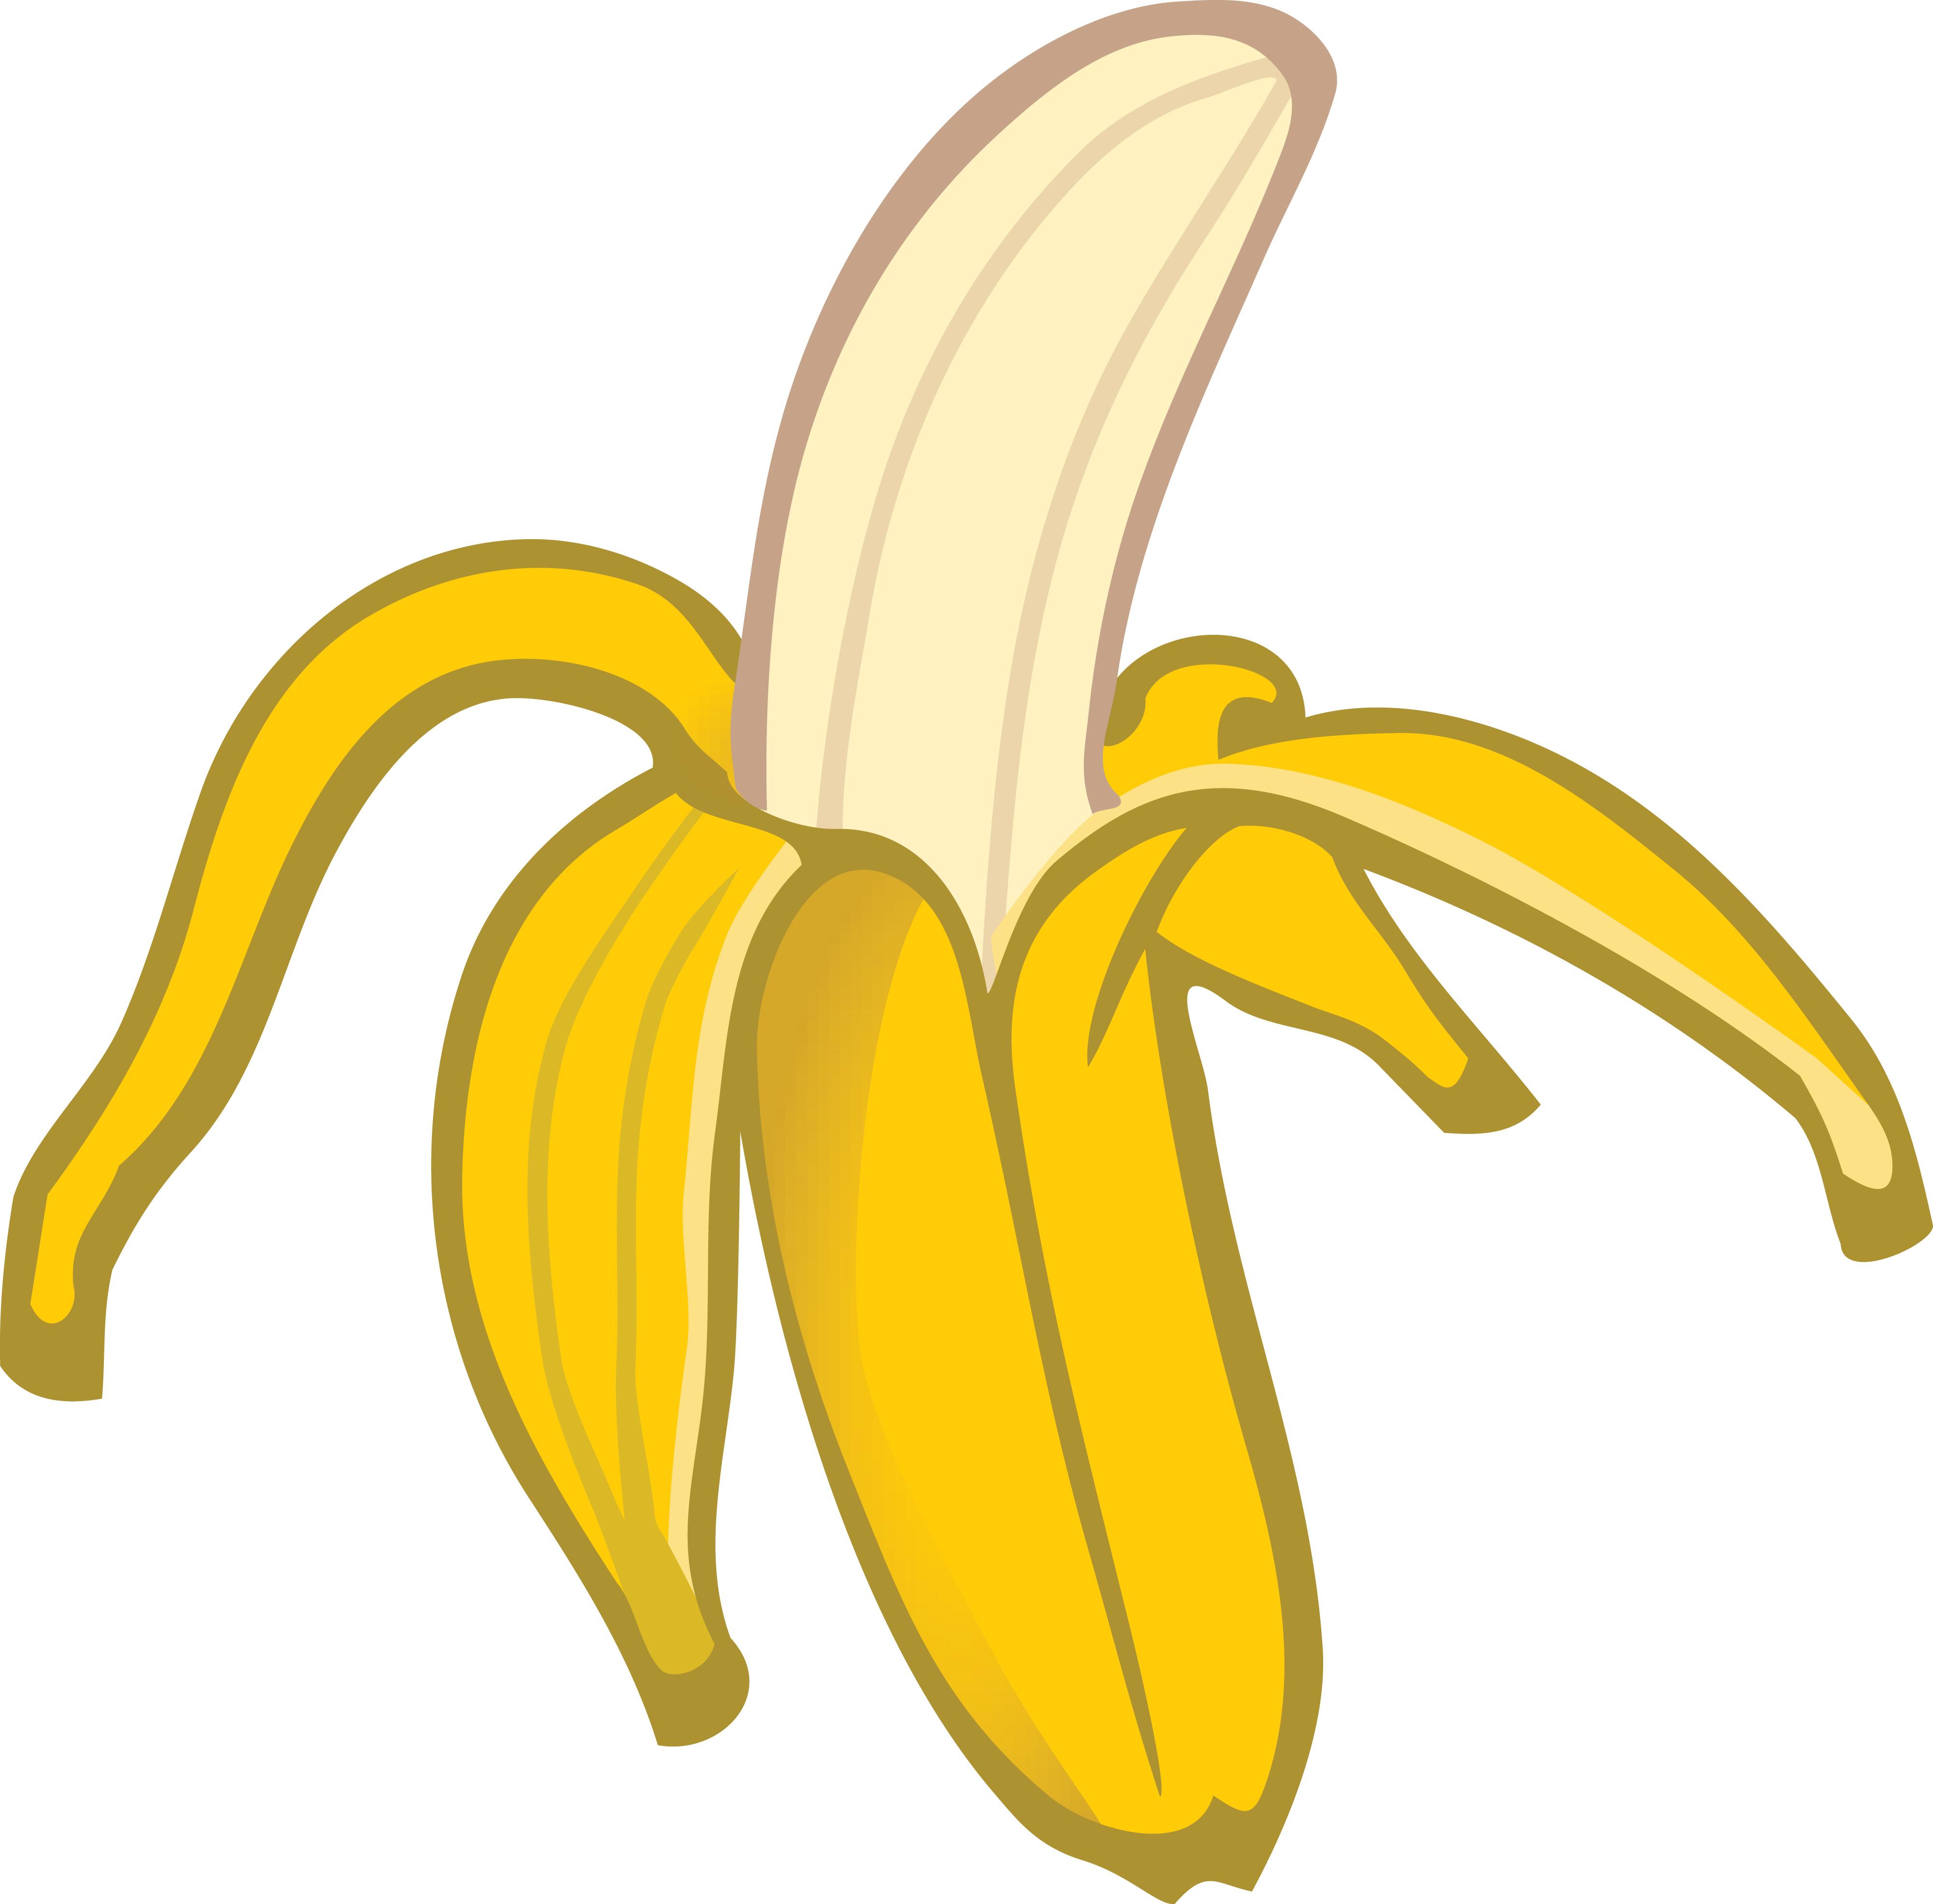 Banana Clipart-Clipartlook.com-4000-Banana Clipart-Clipartlook.com-4000-10